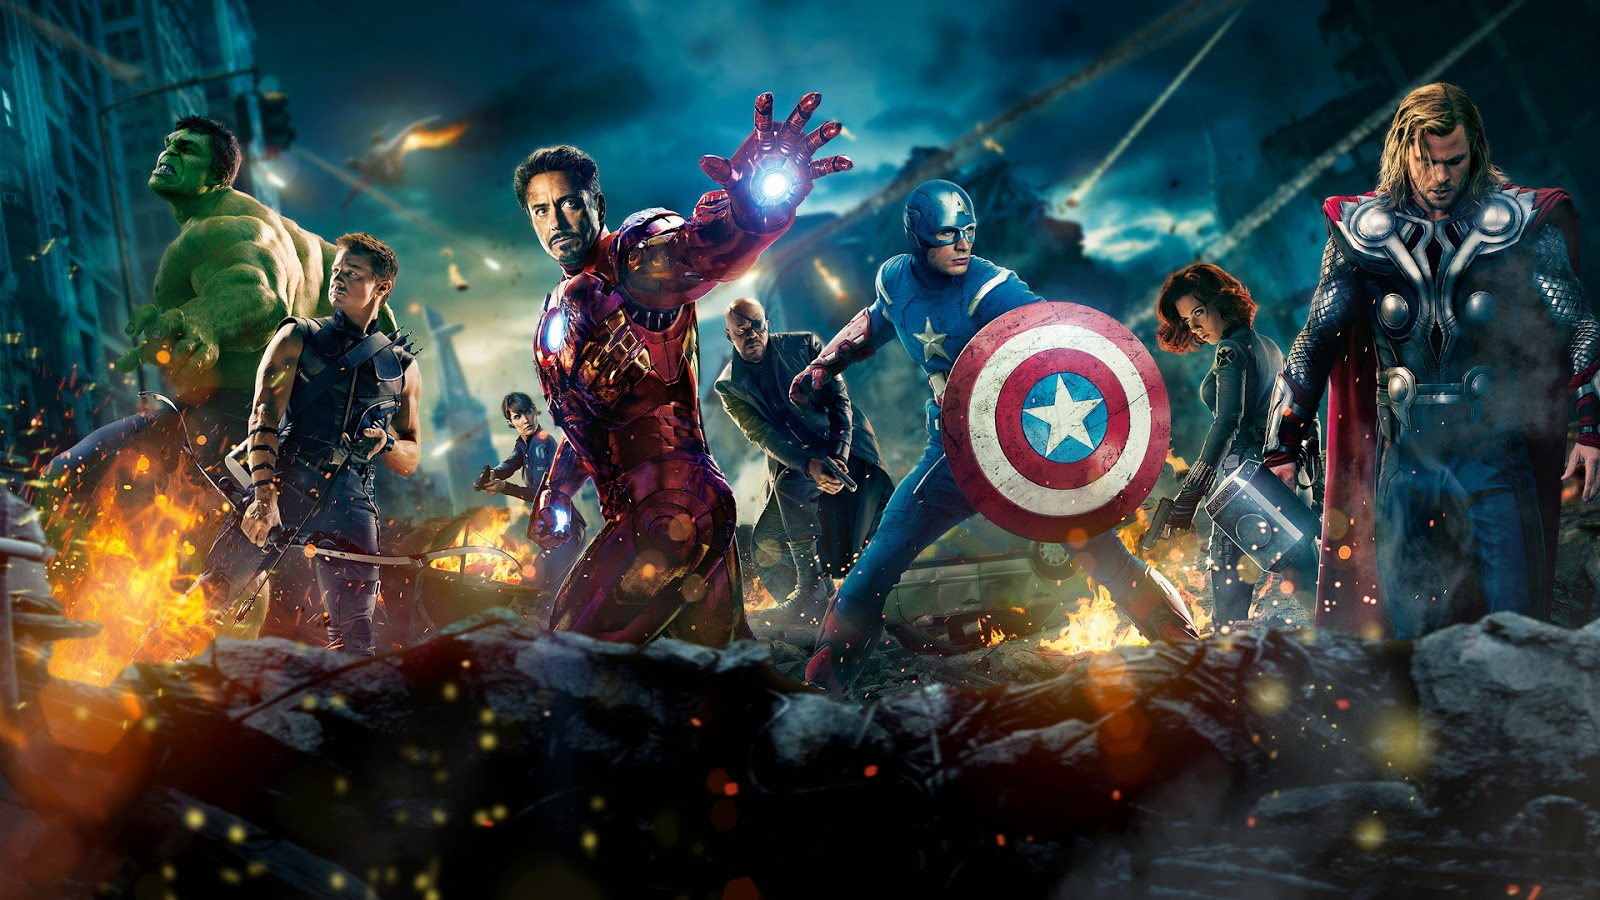 Cosas que no sabías del universo de las películas Marvel 5